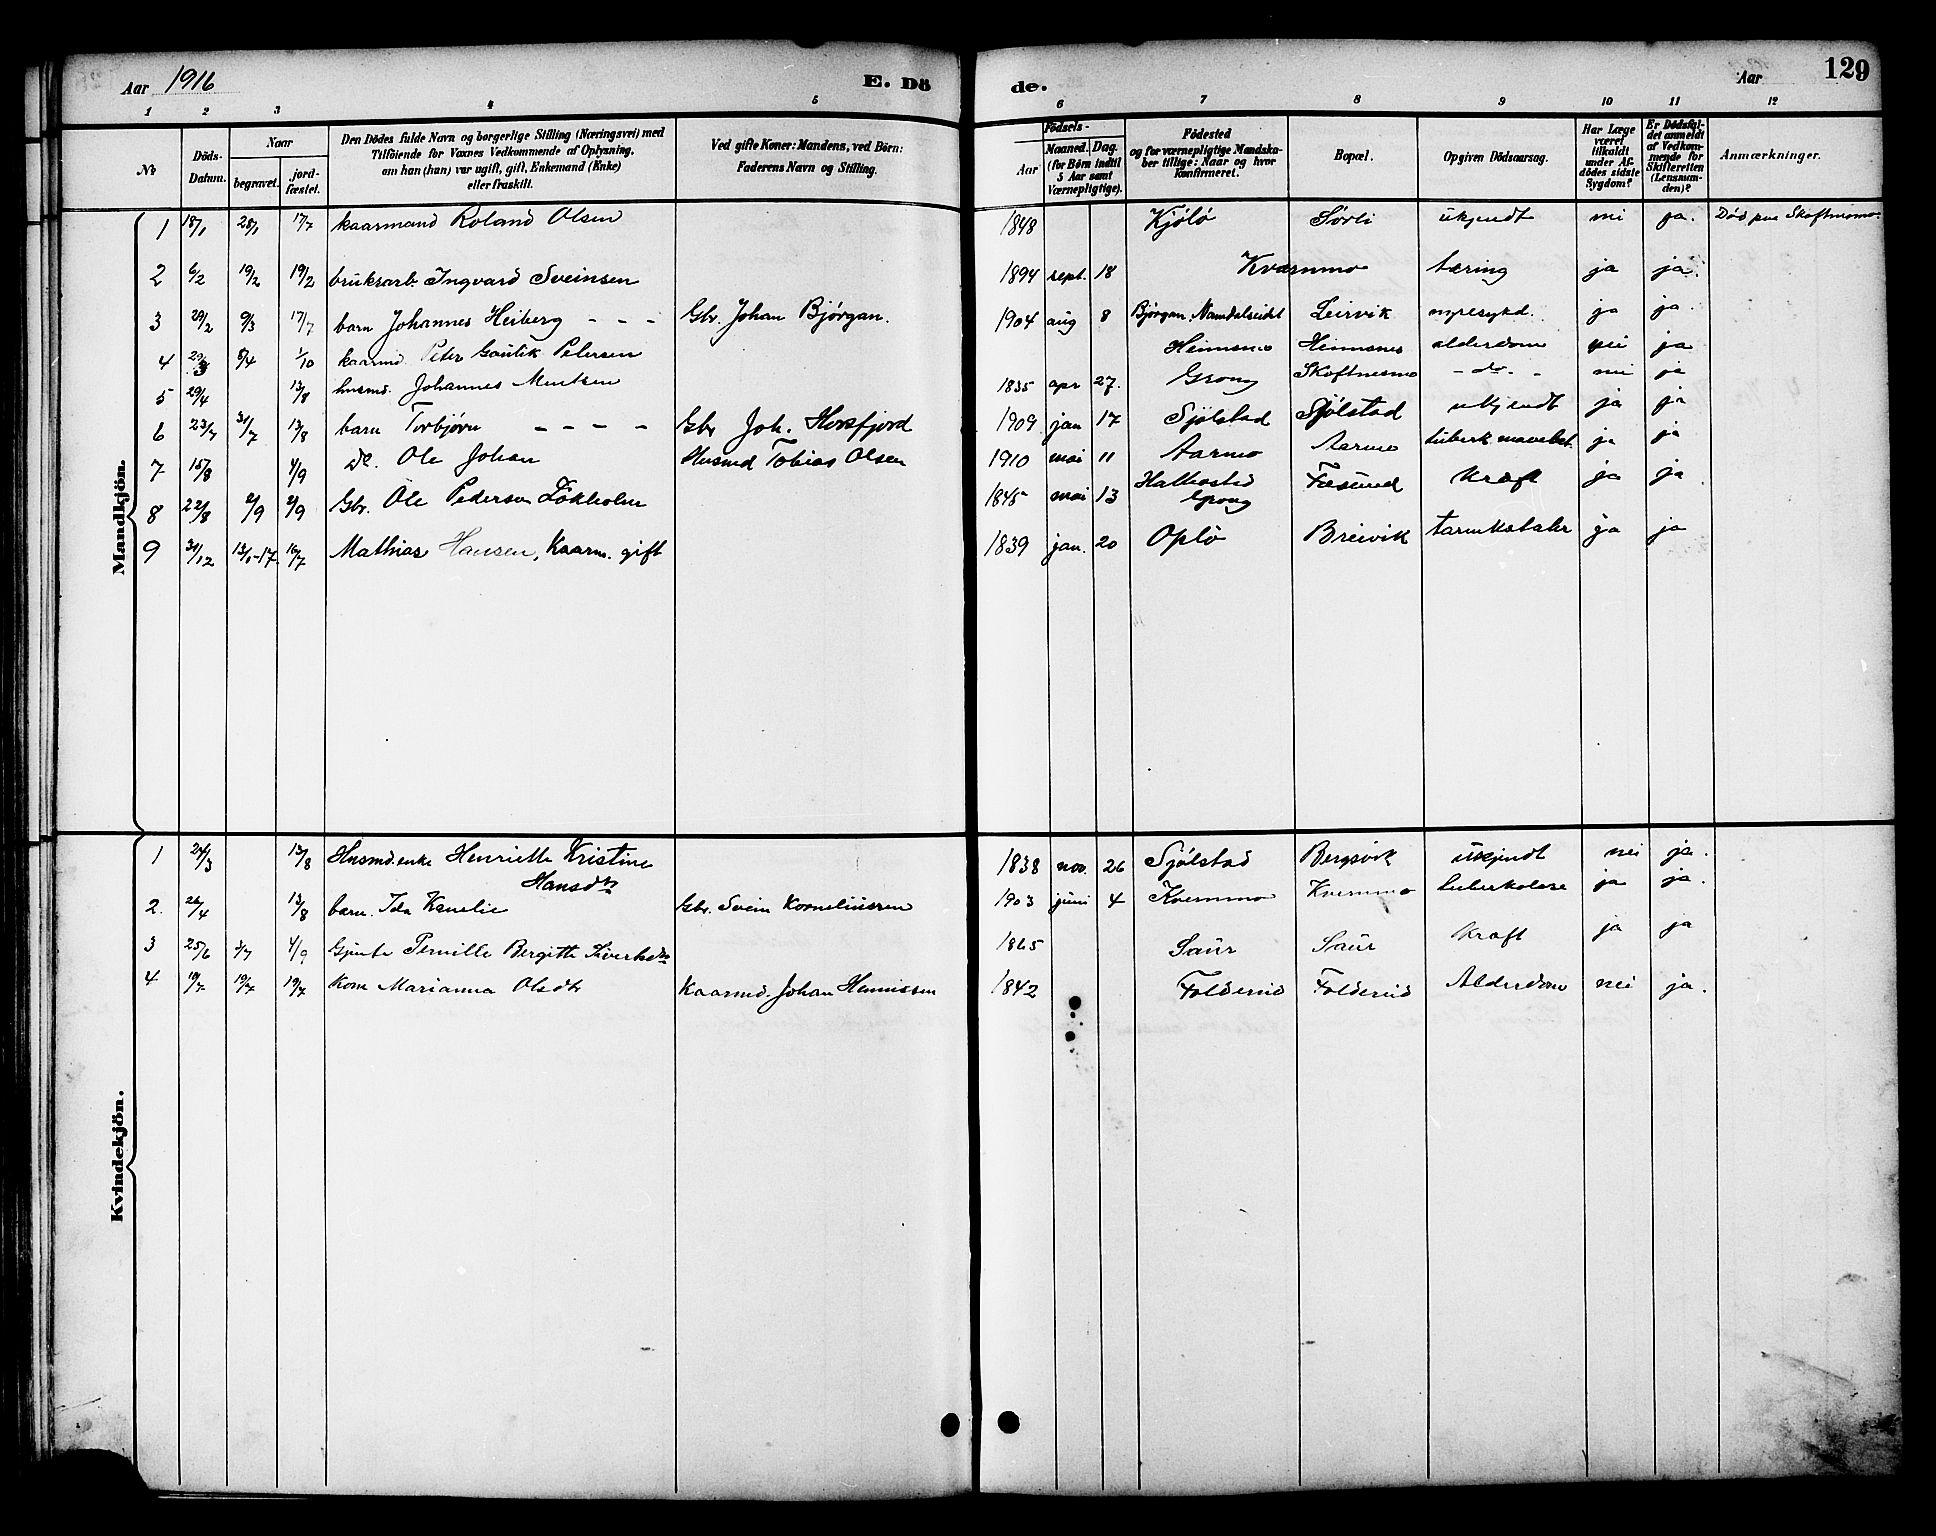 SAT, Ministerialprotokoller, klokkerbøker og fødselsregistre - Nord-Trøndelag, 783/L0662: Klokkerbok nr. 783C02, 1894-1919, s. 129